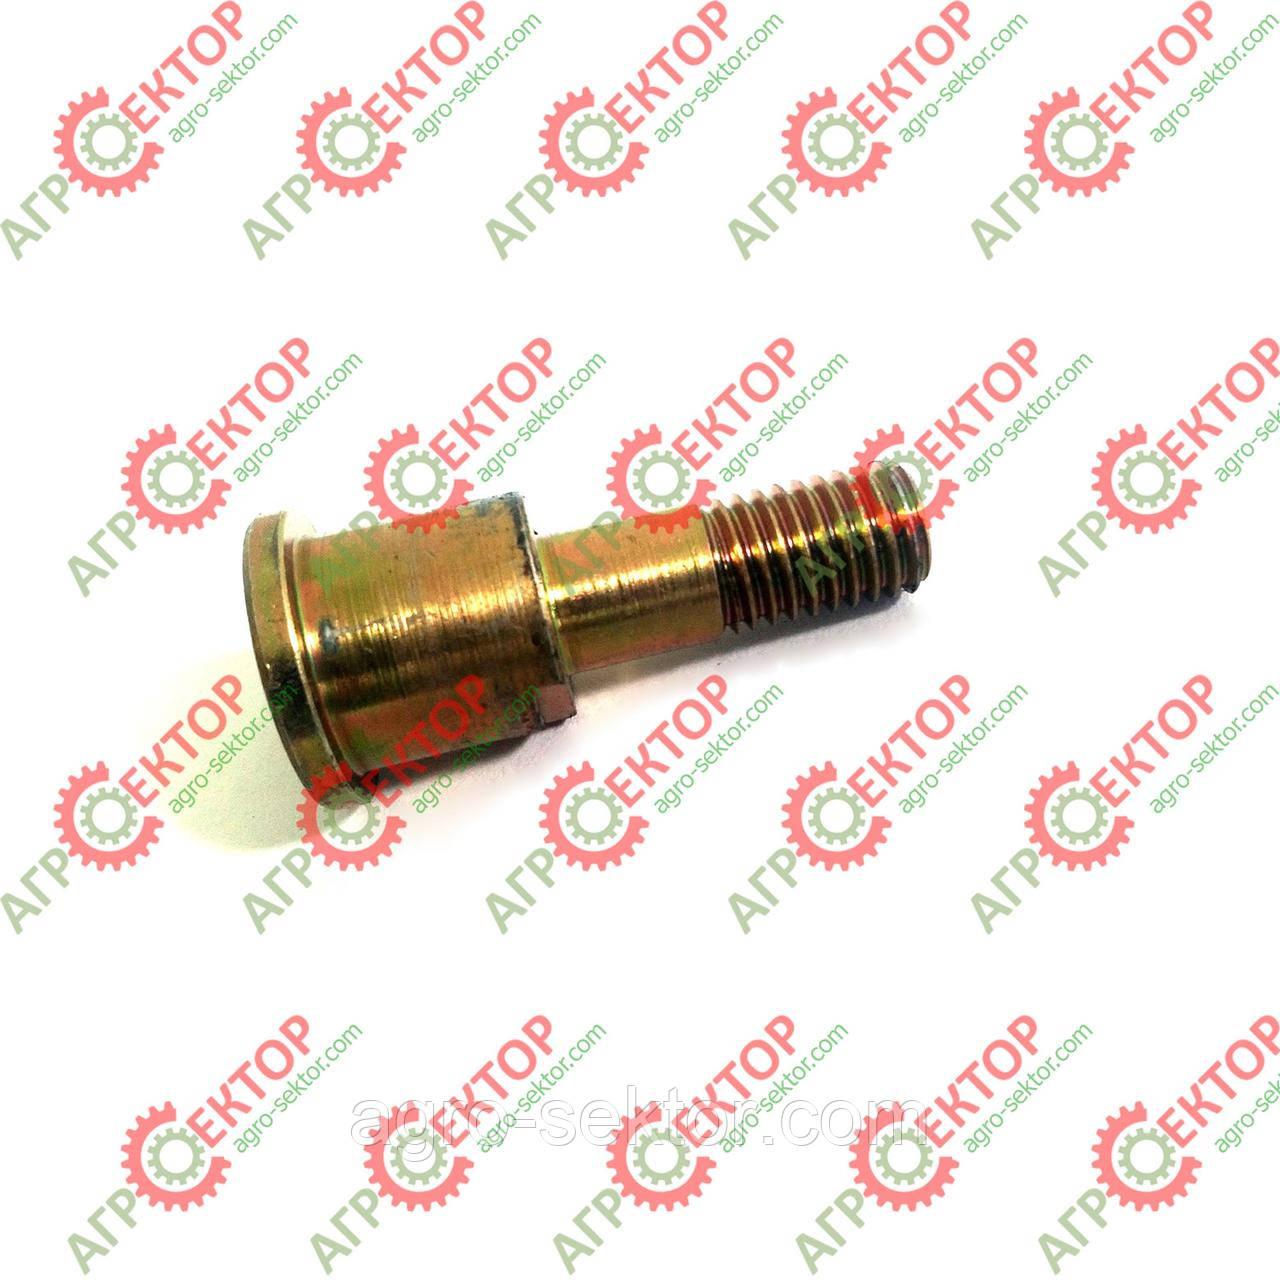 Палець ролика механізму включення в'язального апарату прес-підбирача Famarol Z-511 8245-511-008-028